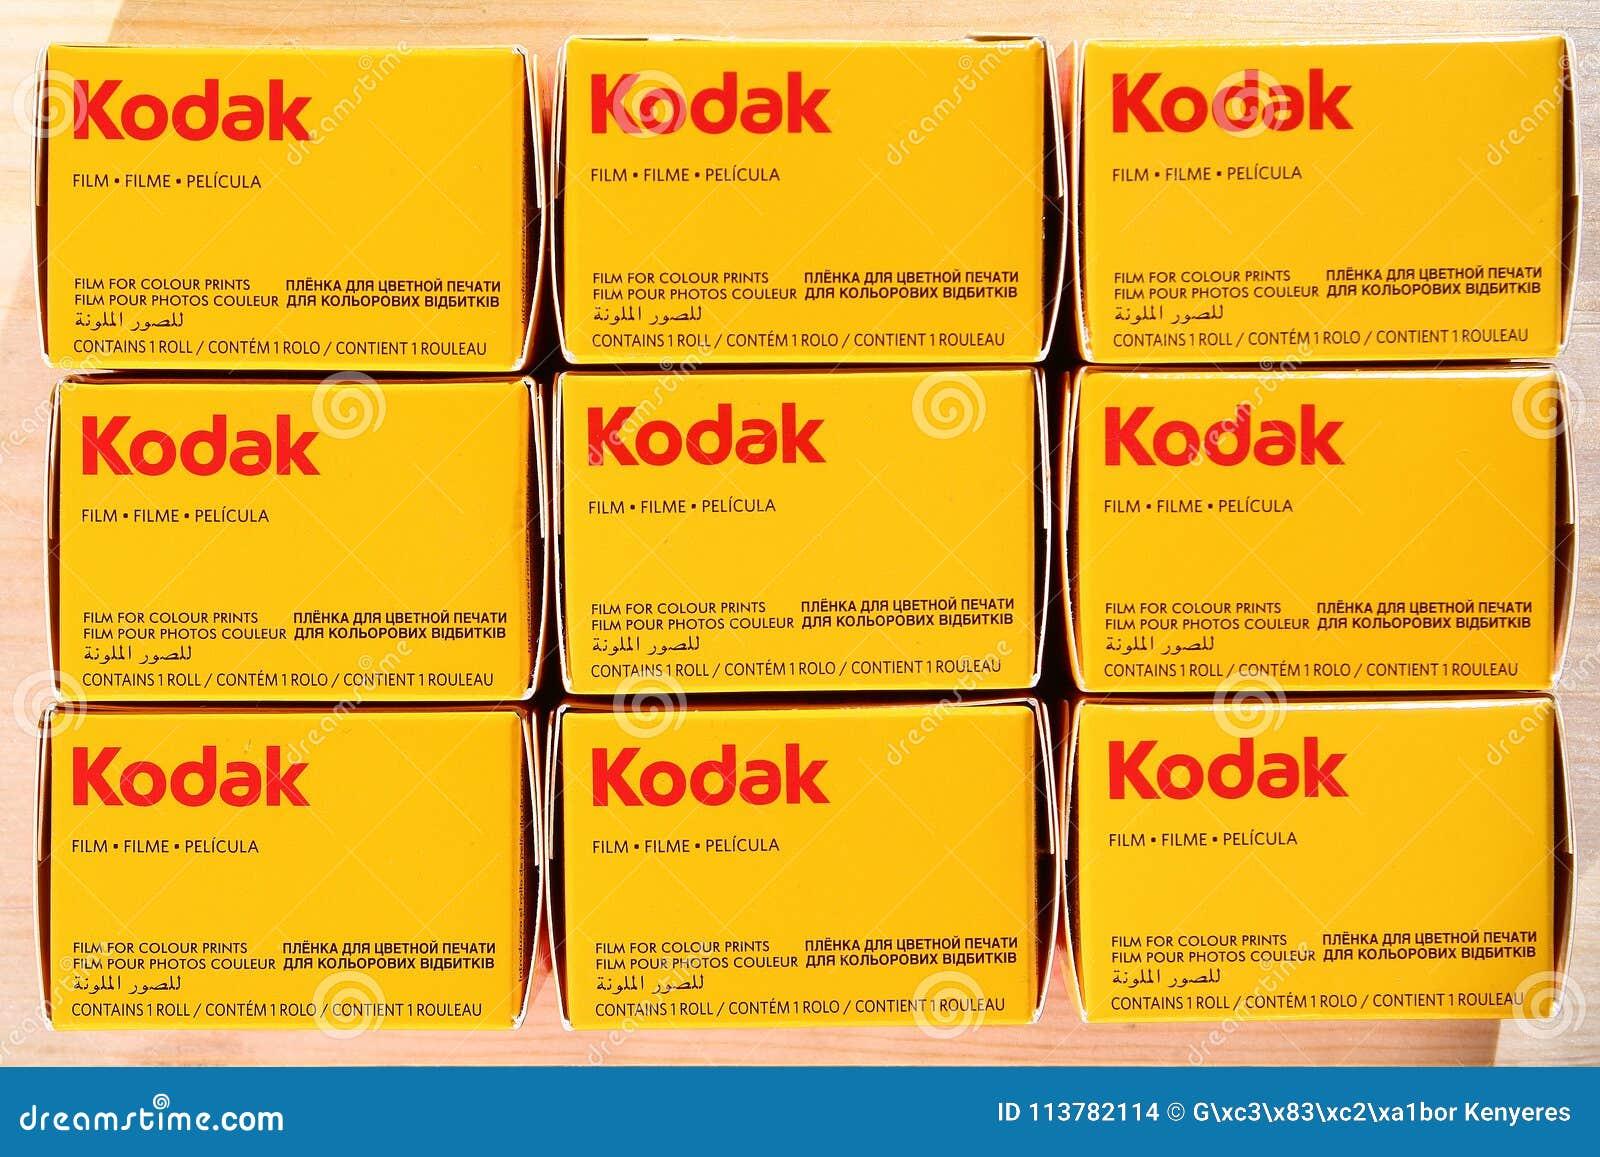 Filmes de KODAK - fotografia análoga